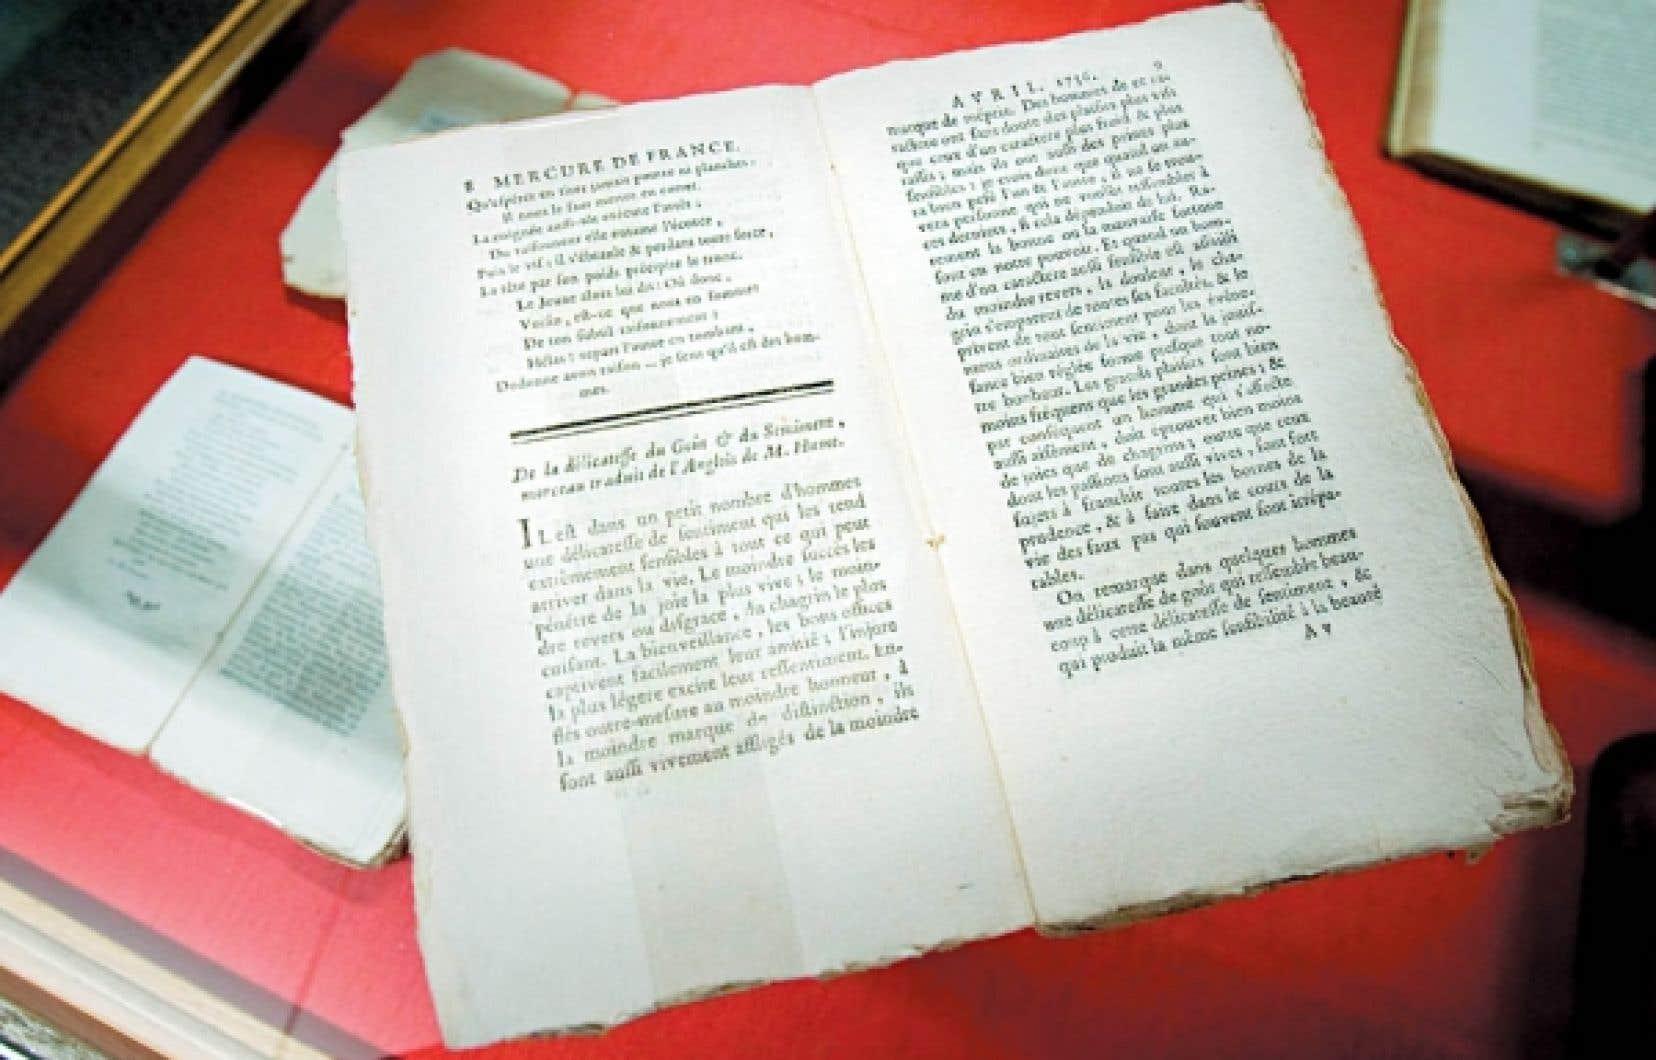 On trouve dans le Mercure de France 14 textes de David Hume, entre 1756 et 1760, comptant près de 200 pages.<br />